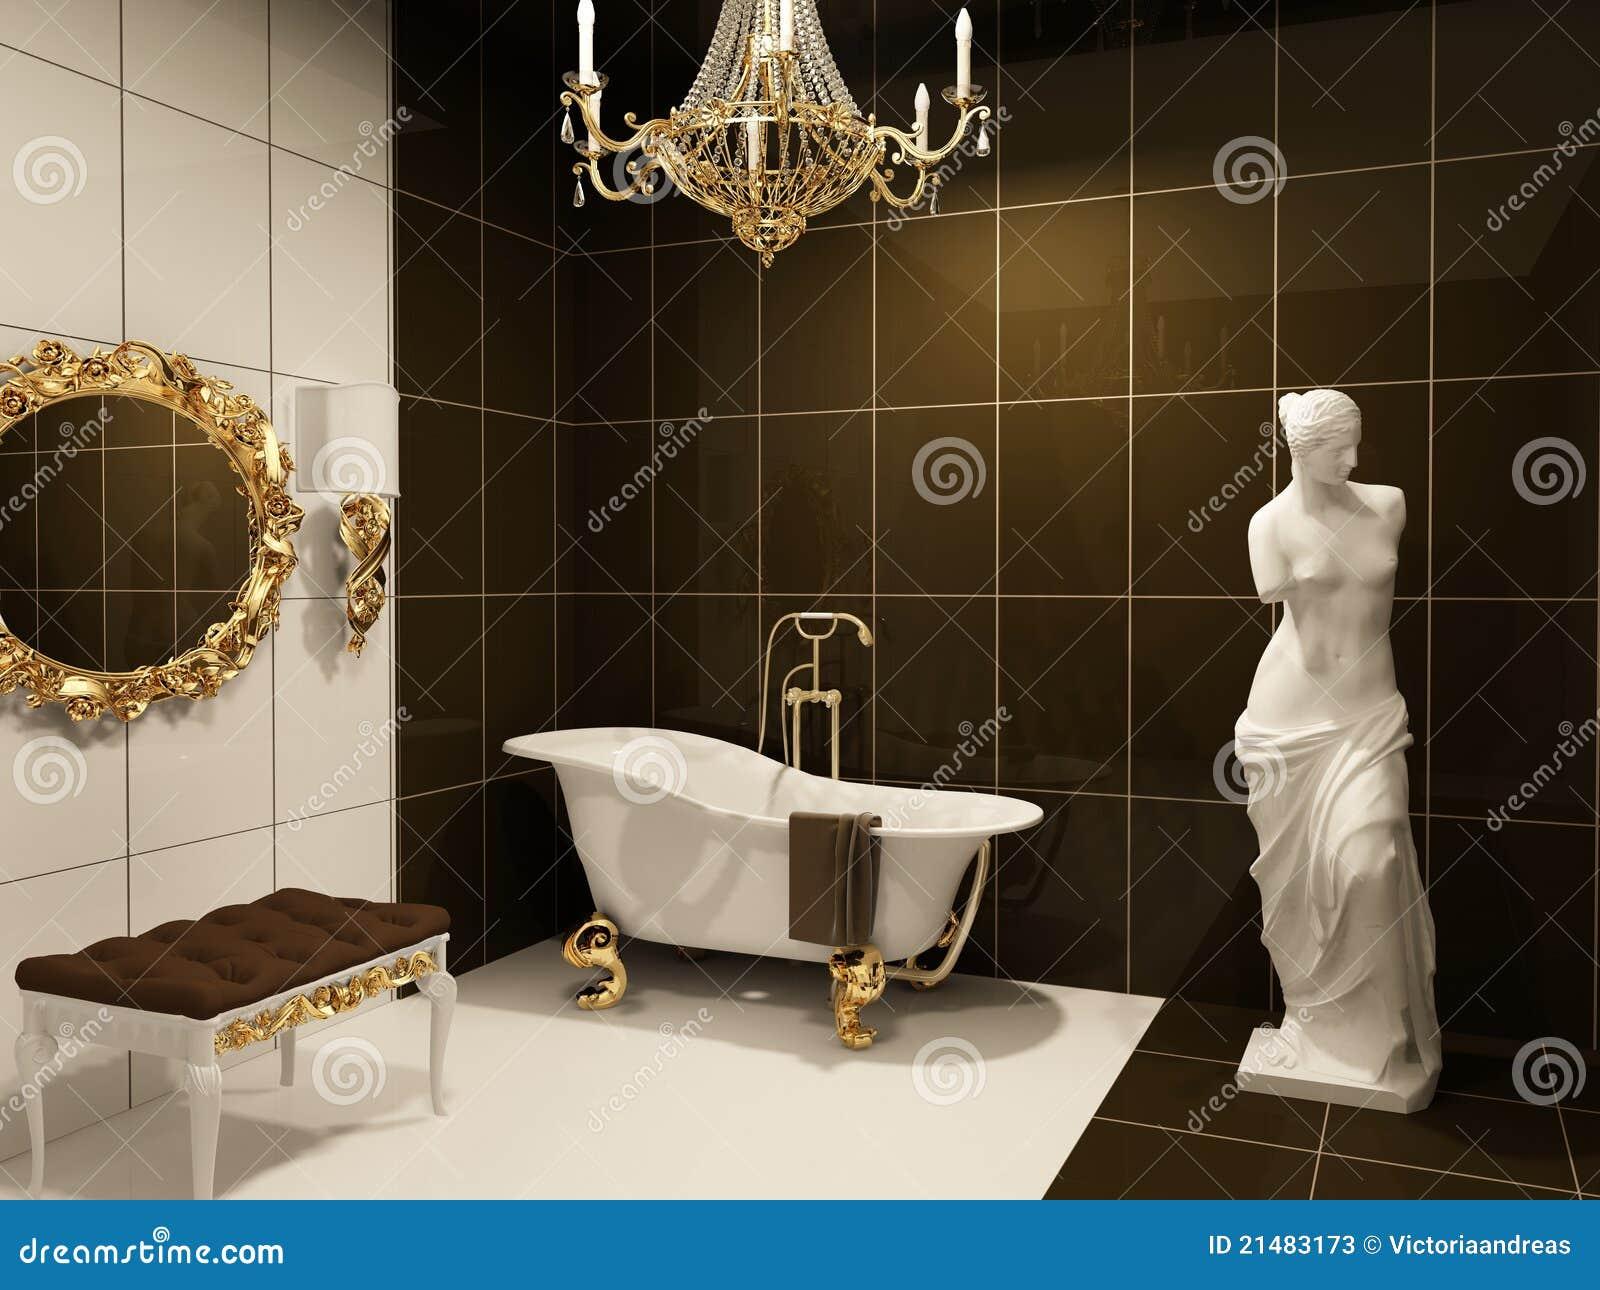 Muebles lujosos en cuarto de ba o barroco fotos de archivo - Muebles estilo barroco moderno ...